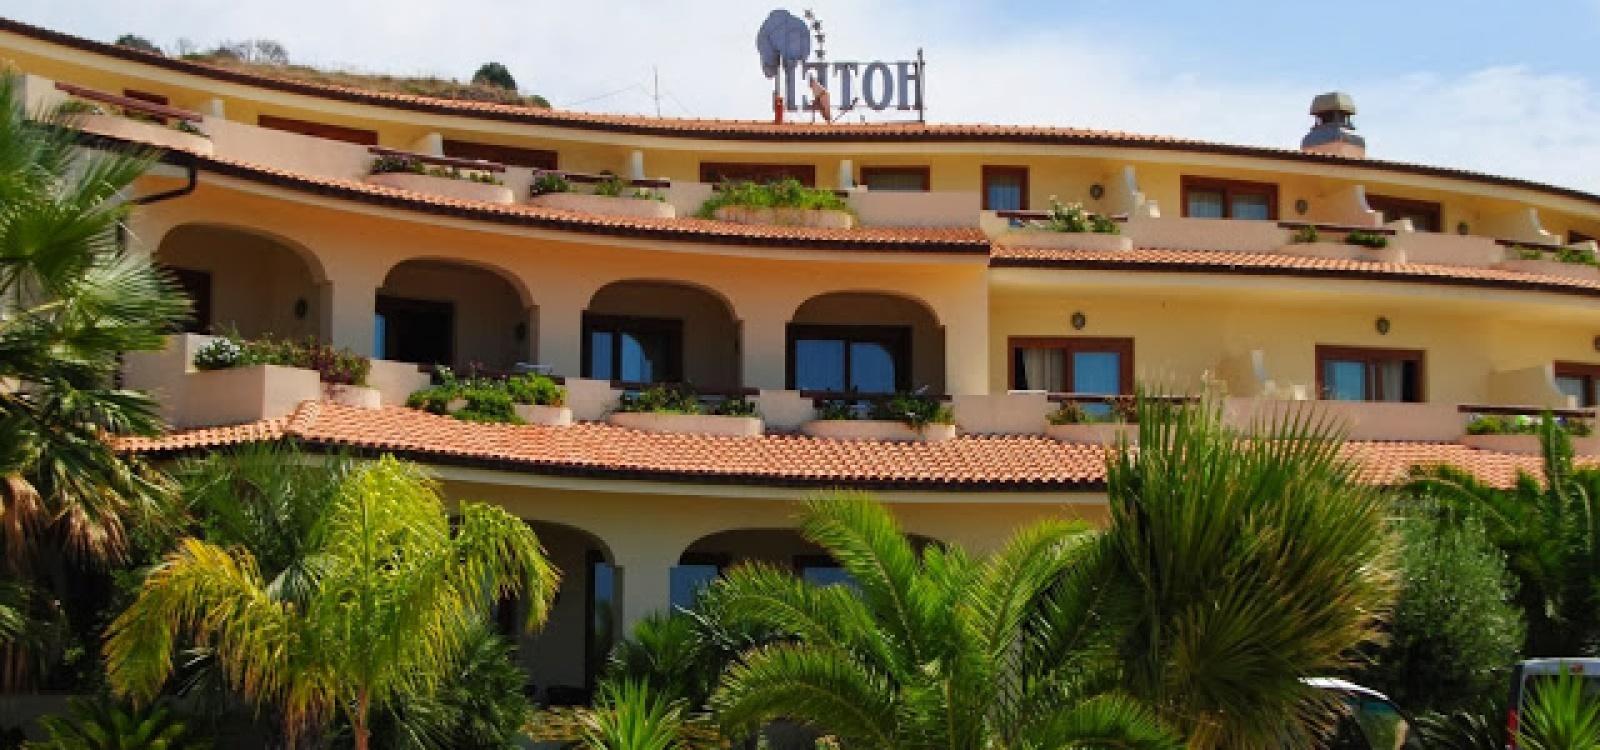 Hotel, Affitto per vacanze, marina di zambrone, ID Struttura 1041, marina di zambrone, limbadi, vibo valentia, Italy, 89868,